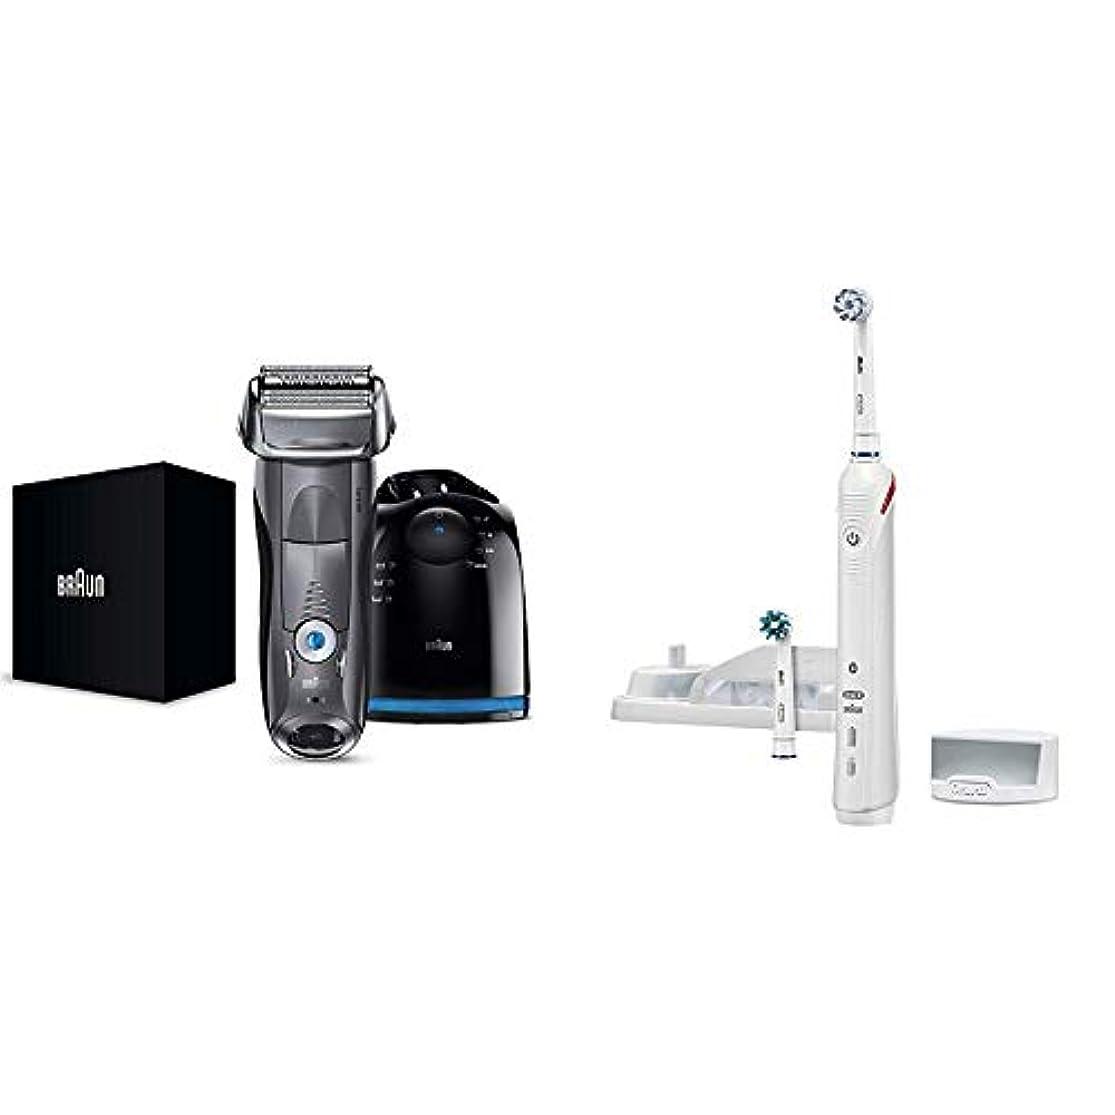 【Amazon.co.jp 限定】ブラウン メンズ電気シェーバー シリーズ7 7867cc 4カットシステム 洗浄機付 水洗い/お風呂剃り可 & ブラウン オーラルB 電動歯ブラシ スマート4000 D6015253P